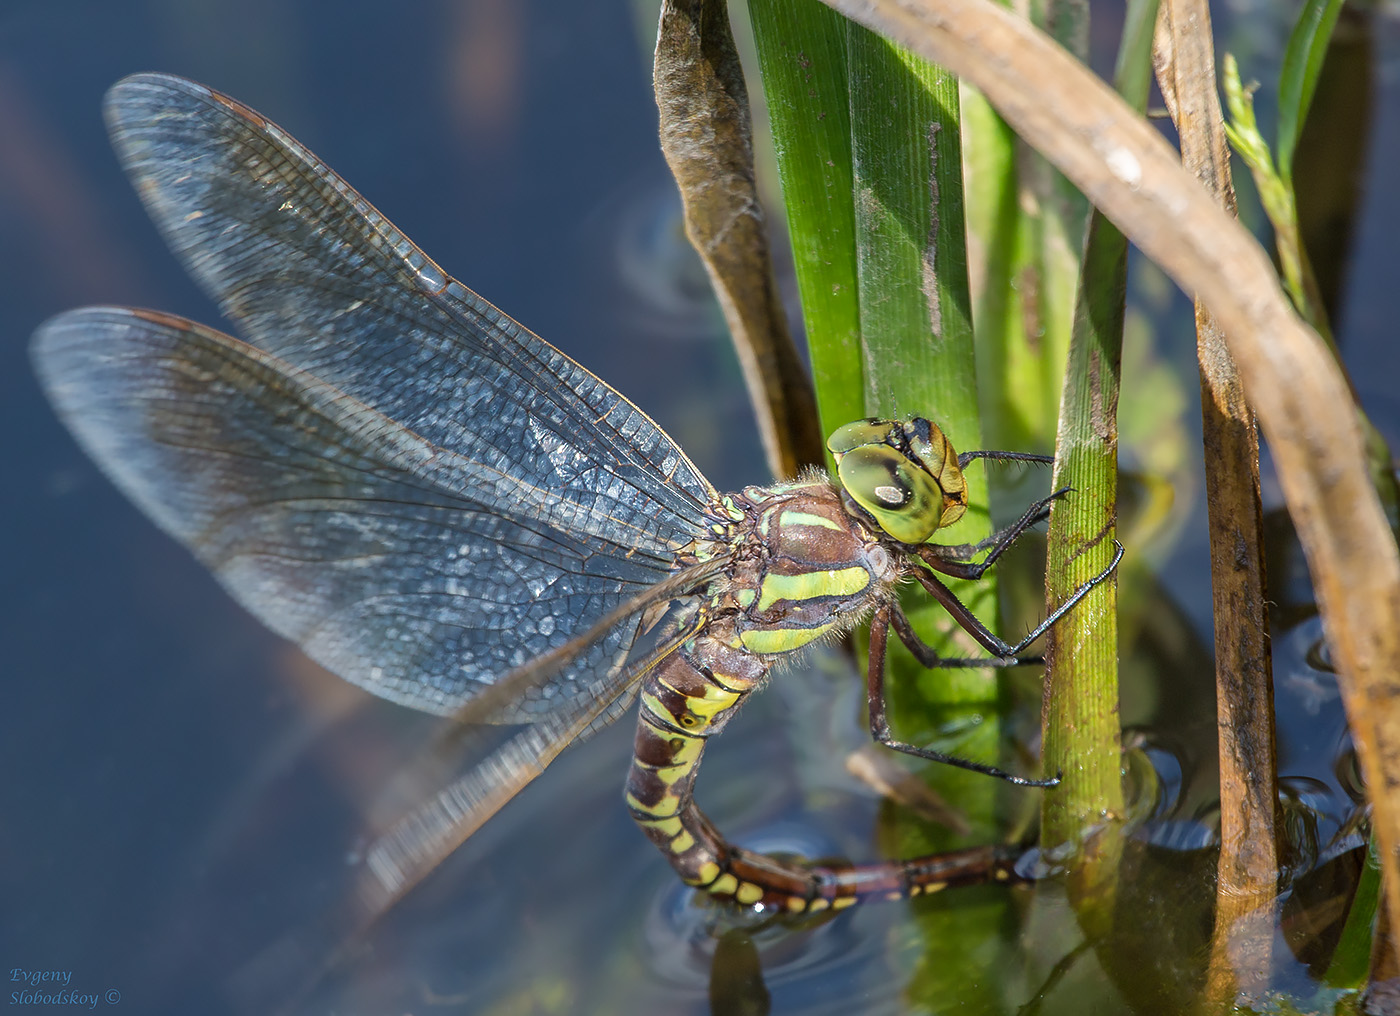 Стрекоза: фото, описание, виды насекомого из прошлого. место древних созданий в современном мире